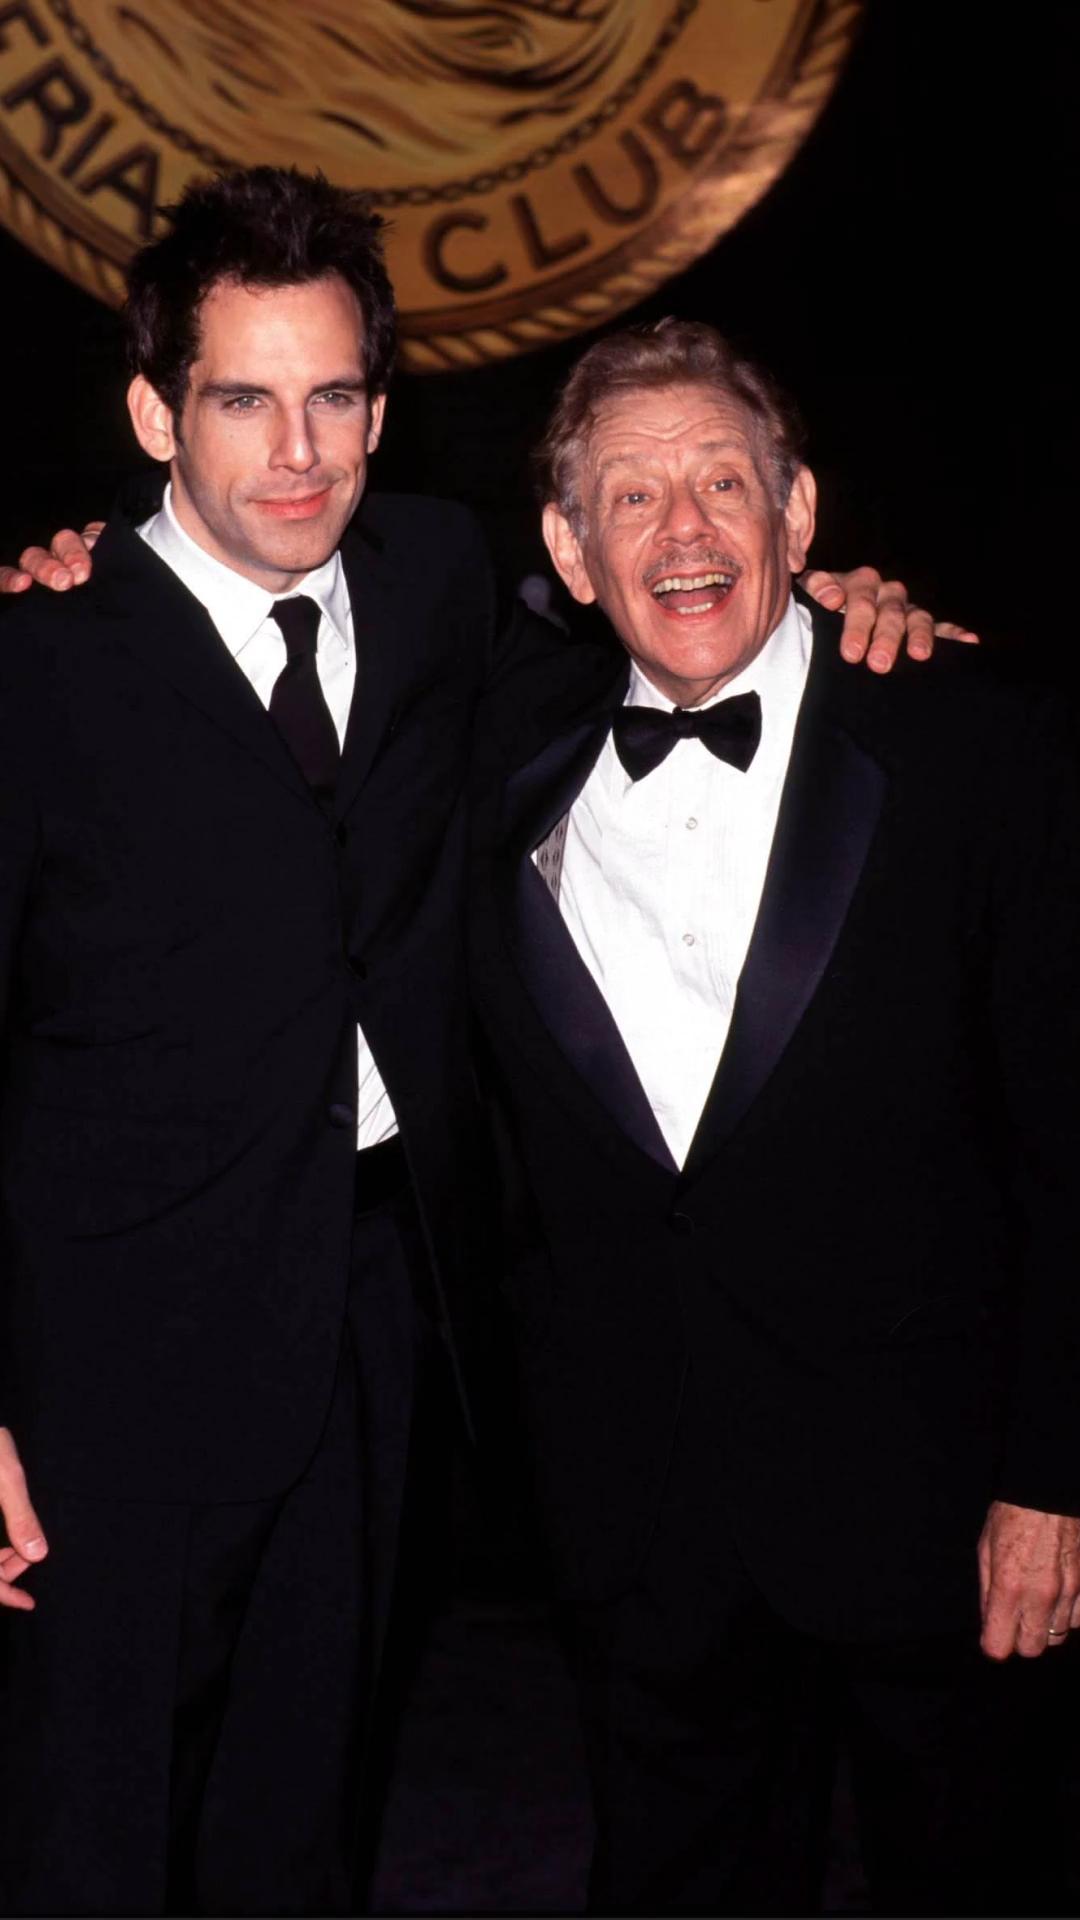 Jerry Stiller war ein weltbekannter Schauspieler und Comedian, doch auch seine Familie ist in der Branche erfolgreich. Wir stellen sie euch vor. #jerrystiller #benstiller #jerrystillerfamilie #kingofqueens #schauspiellegende